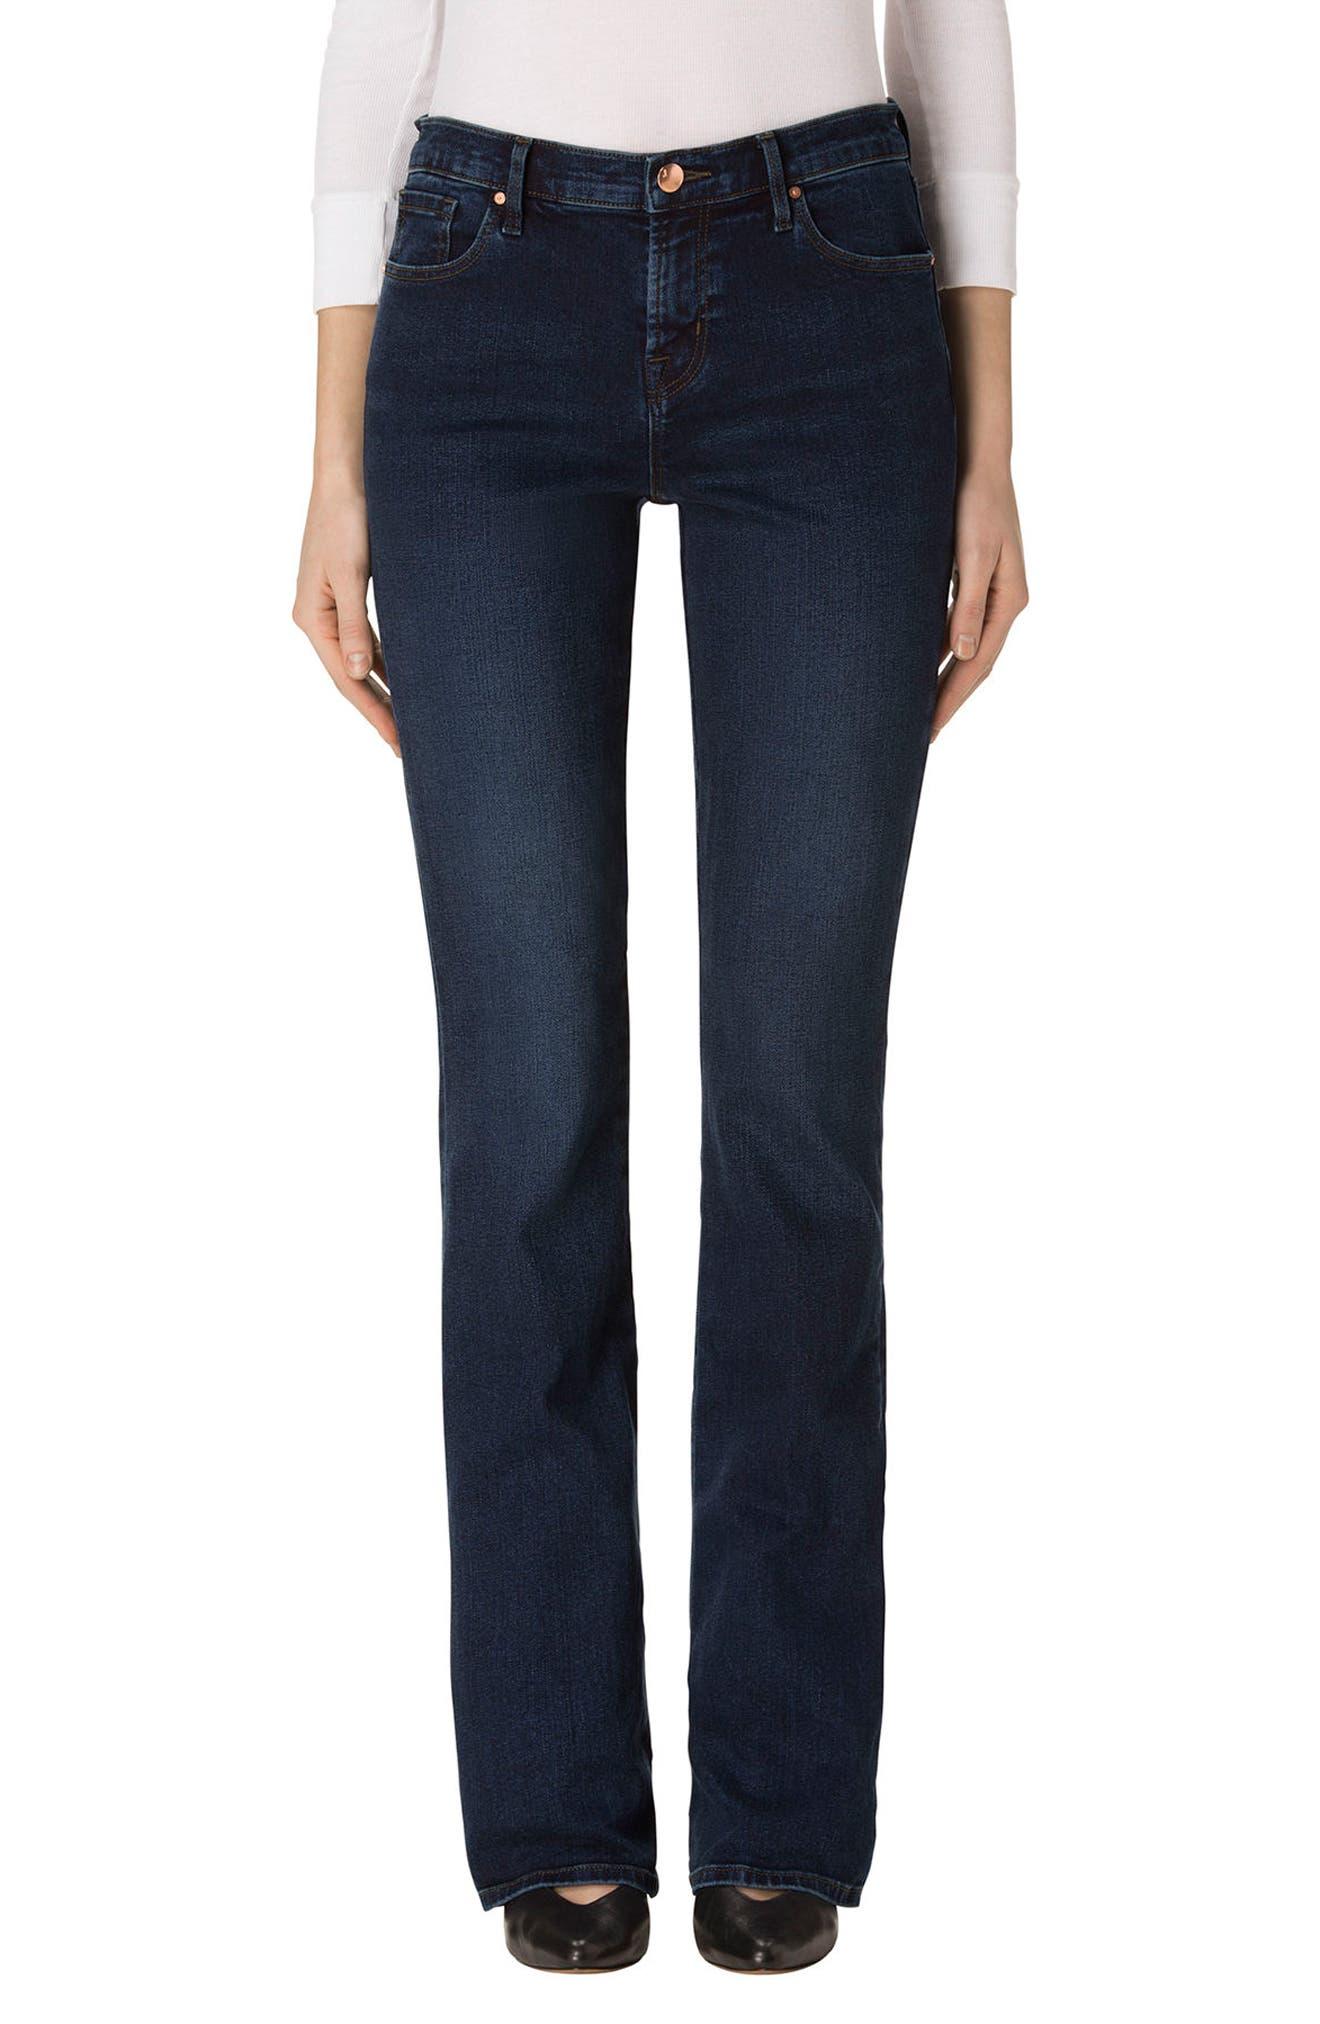 Alternate Image 1 Selected - J Brand Litah Bootcut Jeans